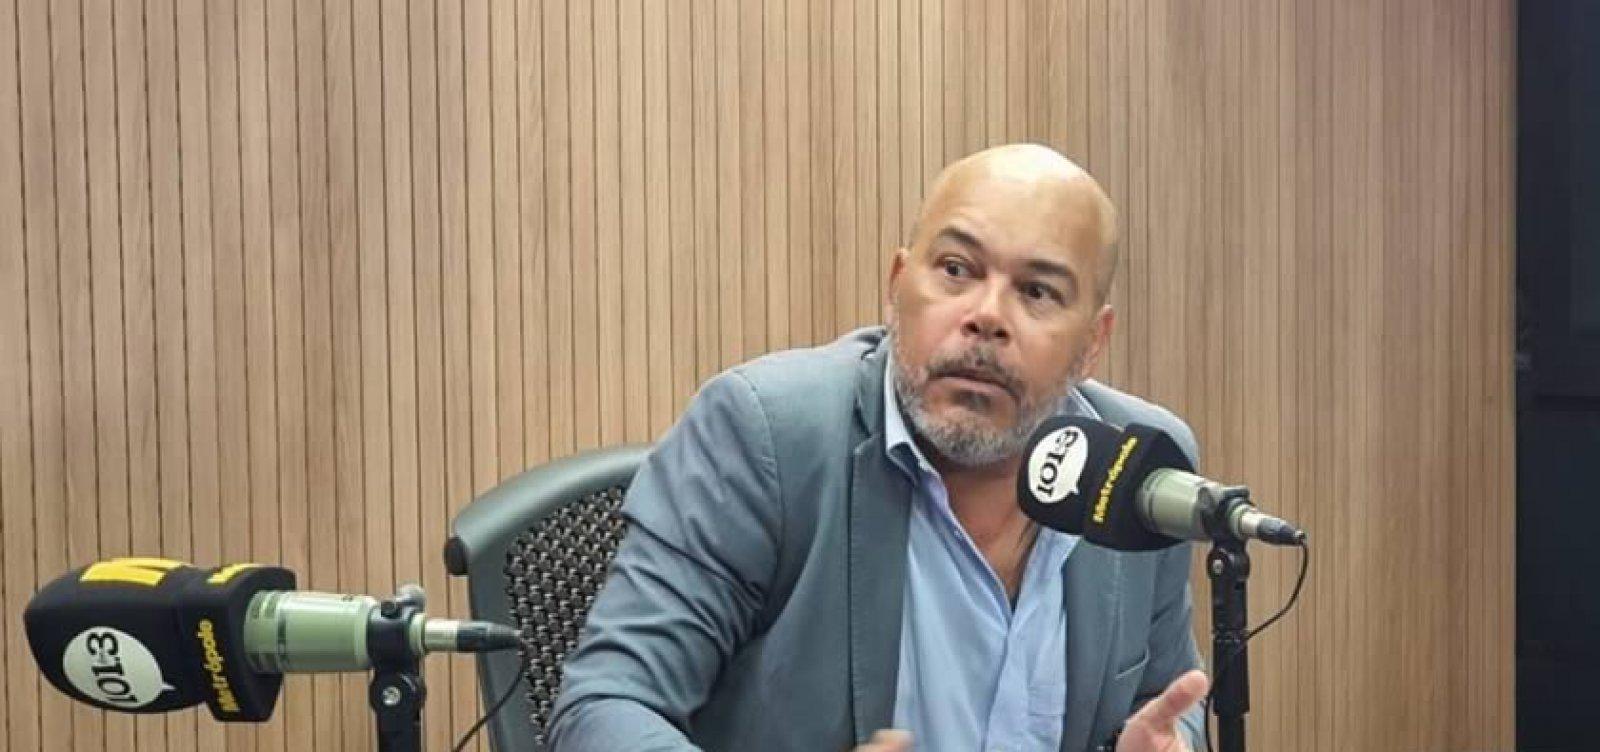 [Sindicato da PF na Bahia ganha processo de Paulo Guedes e vai doar indenização a hospitais de Salvador]